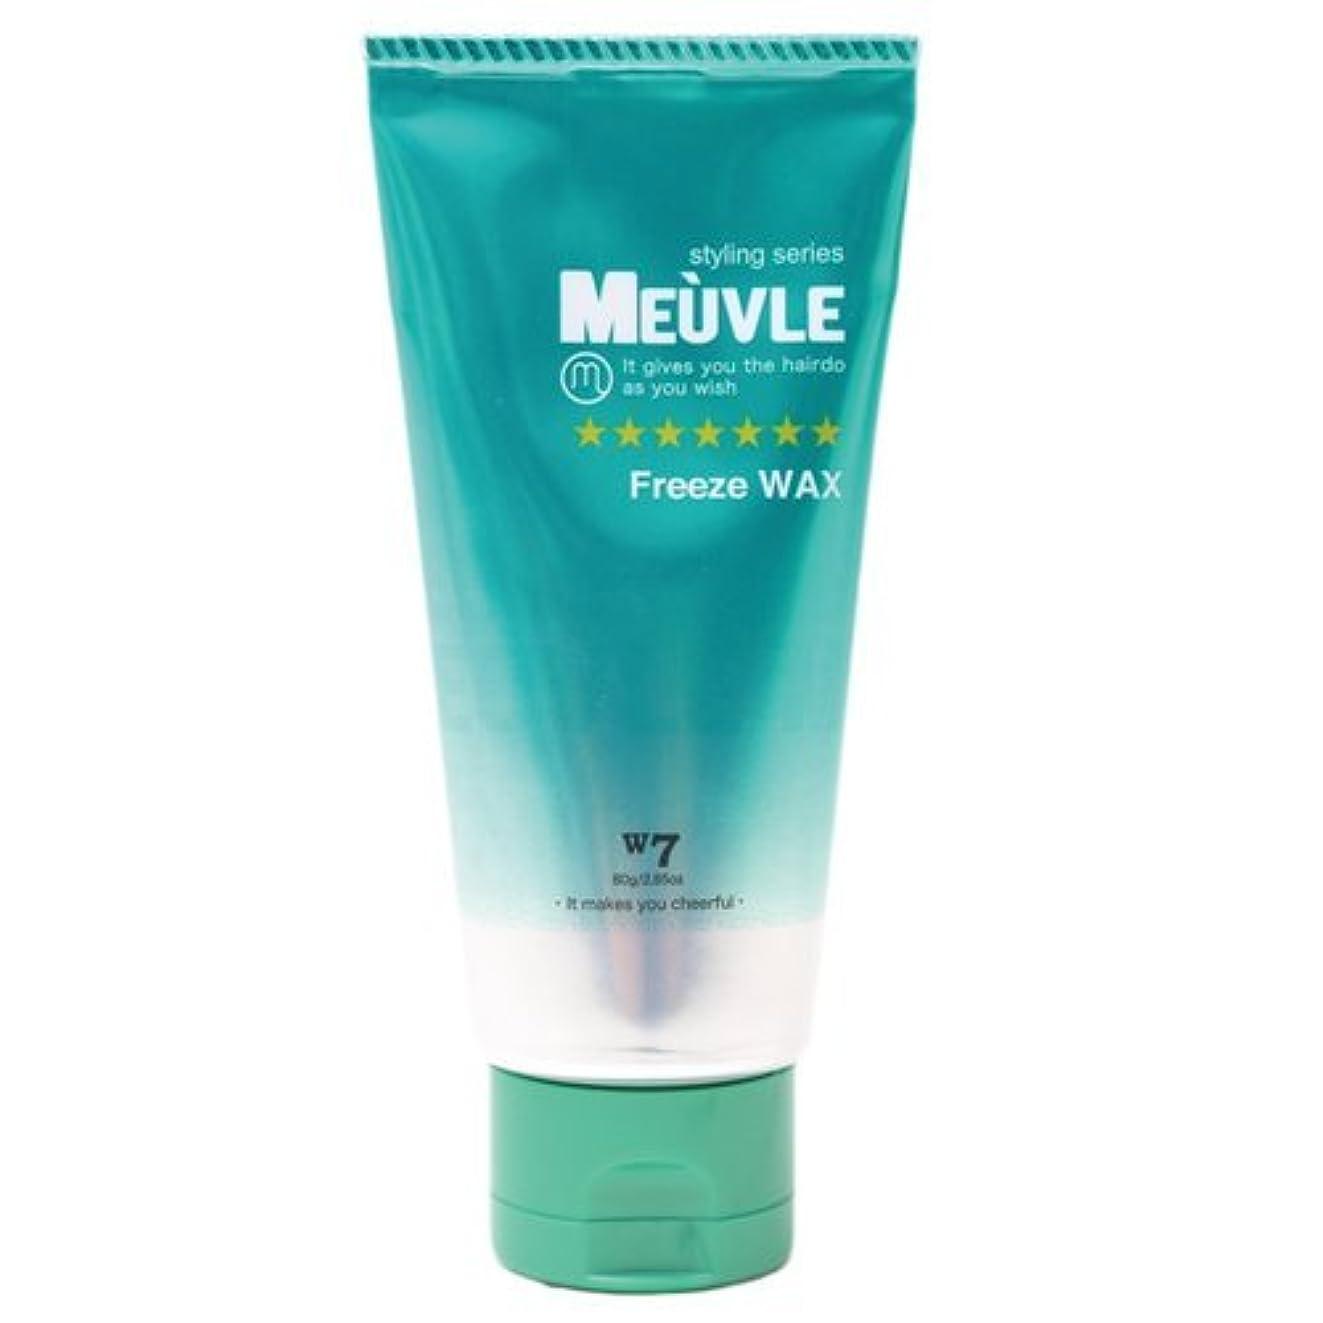 アピール病気の支配的MEUVLE (ミューヴル) フリーズワックス W7 ミューブル (グリーン)